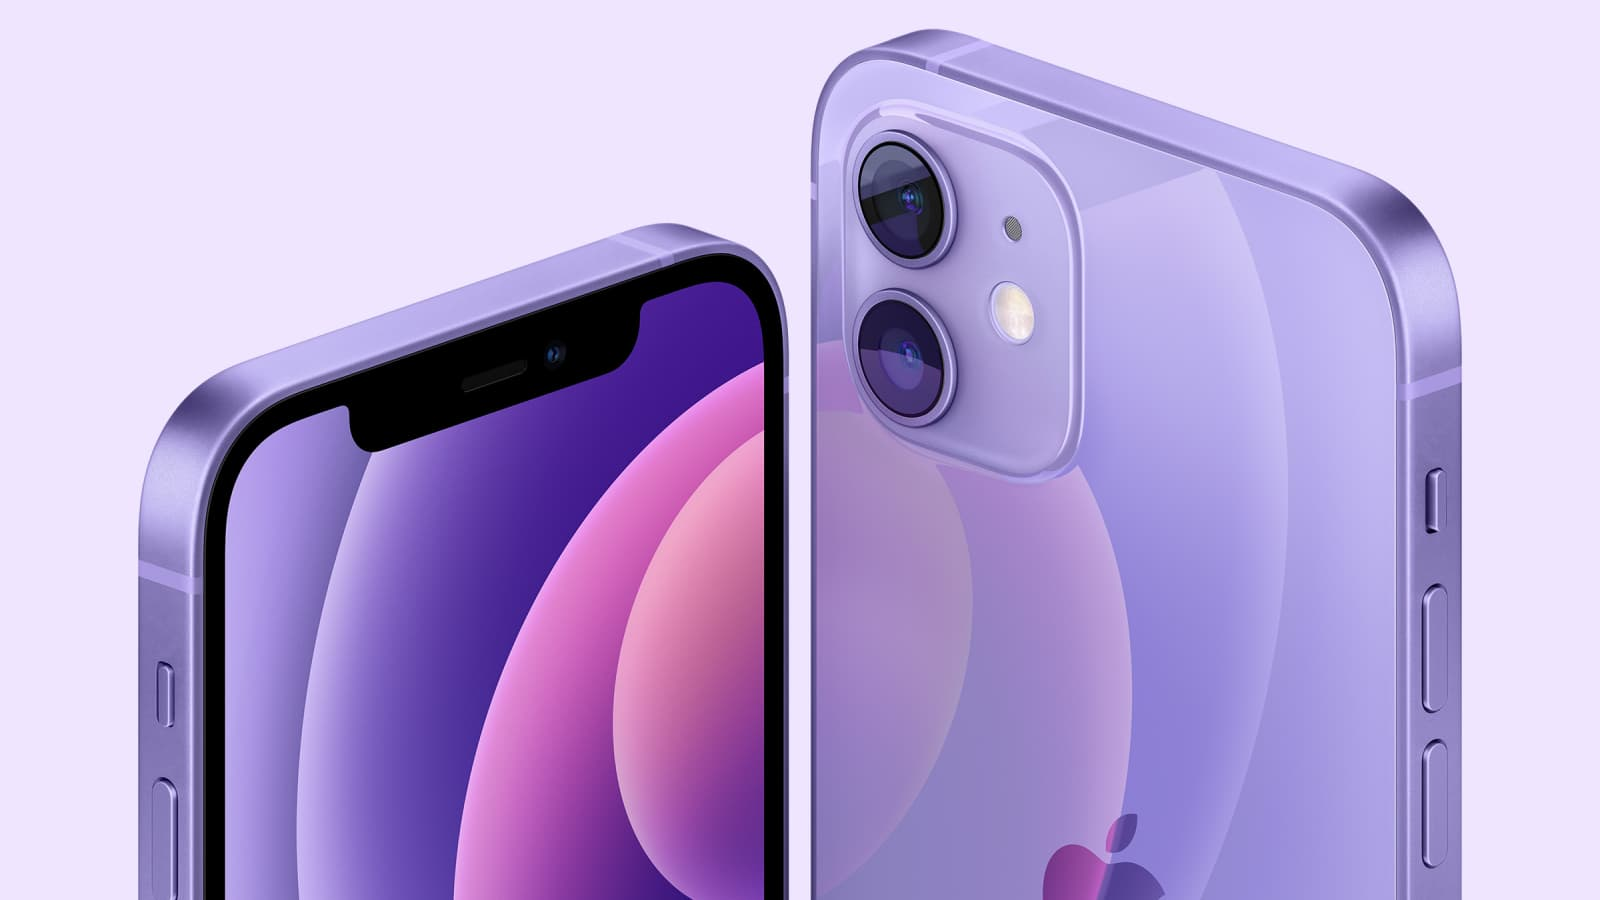 L'iPhone 12 mauve est dispo chez SFR